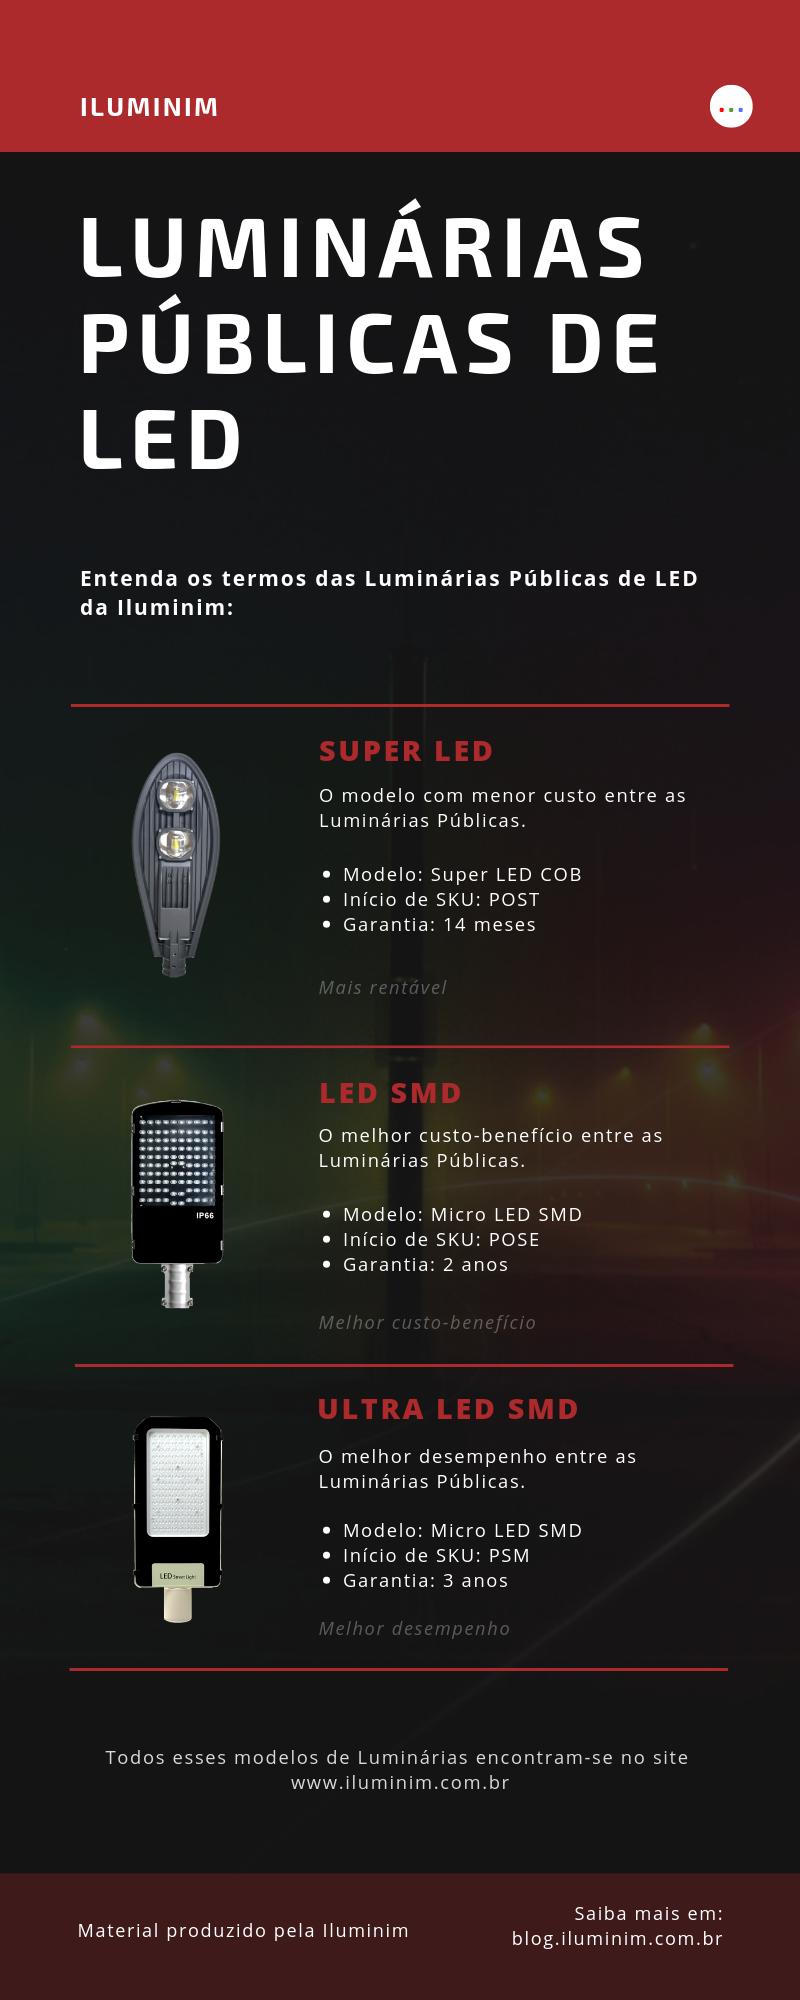 [Infográfico] Como fazer a iluminação de áreas públicas de forma eficiente